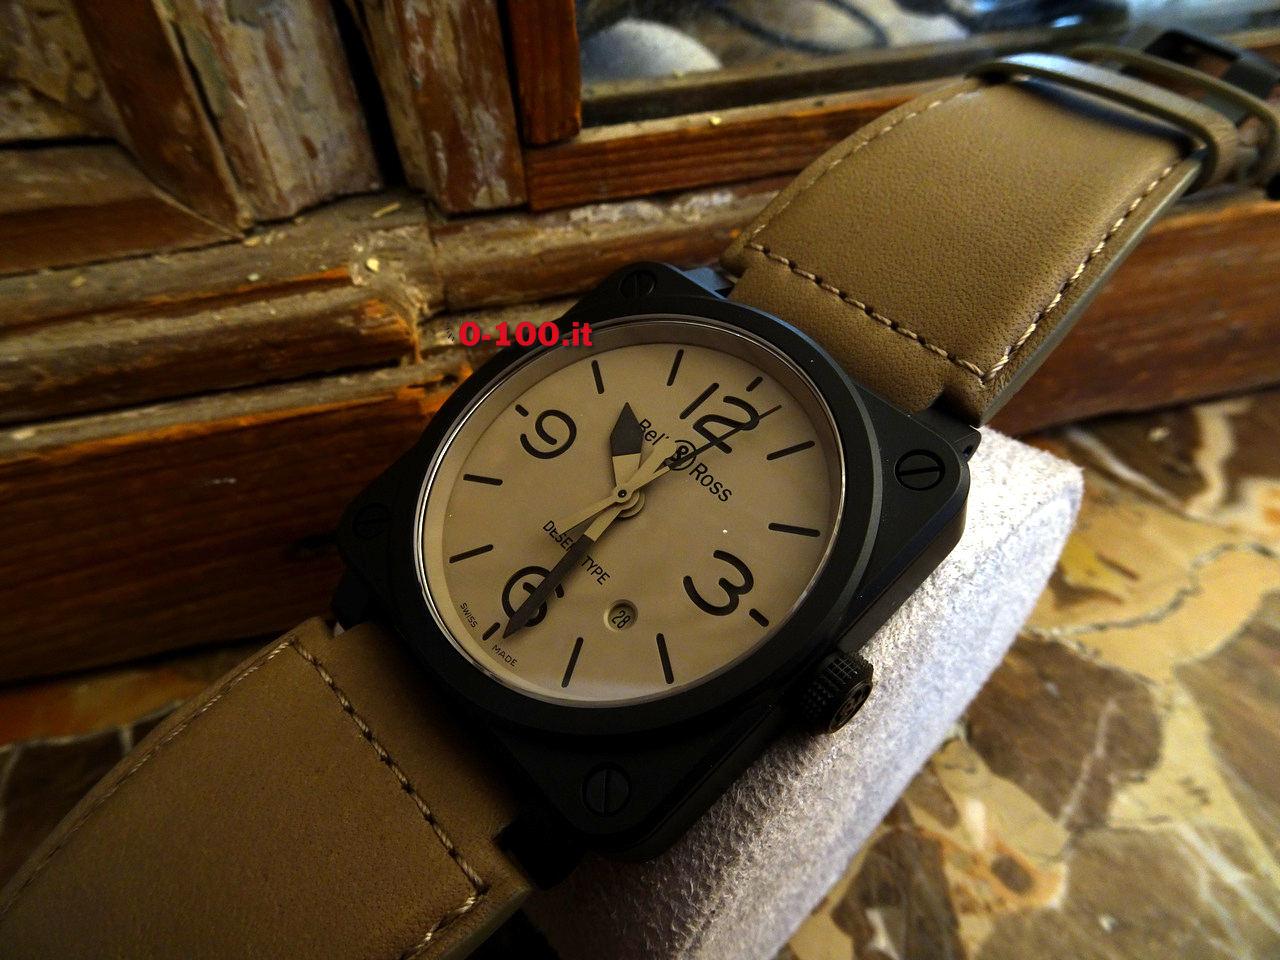 bell-ross-BR03-Desert-Type-prezzo-price-0-100_27